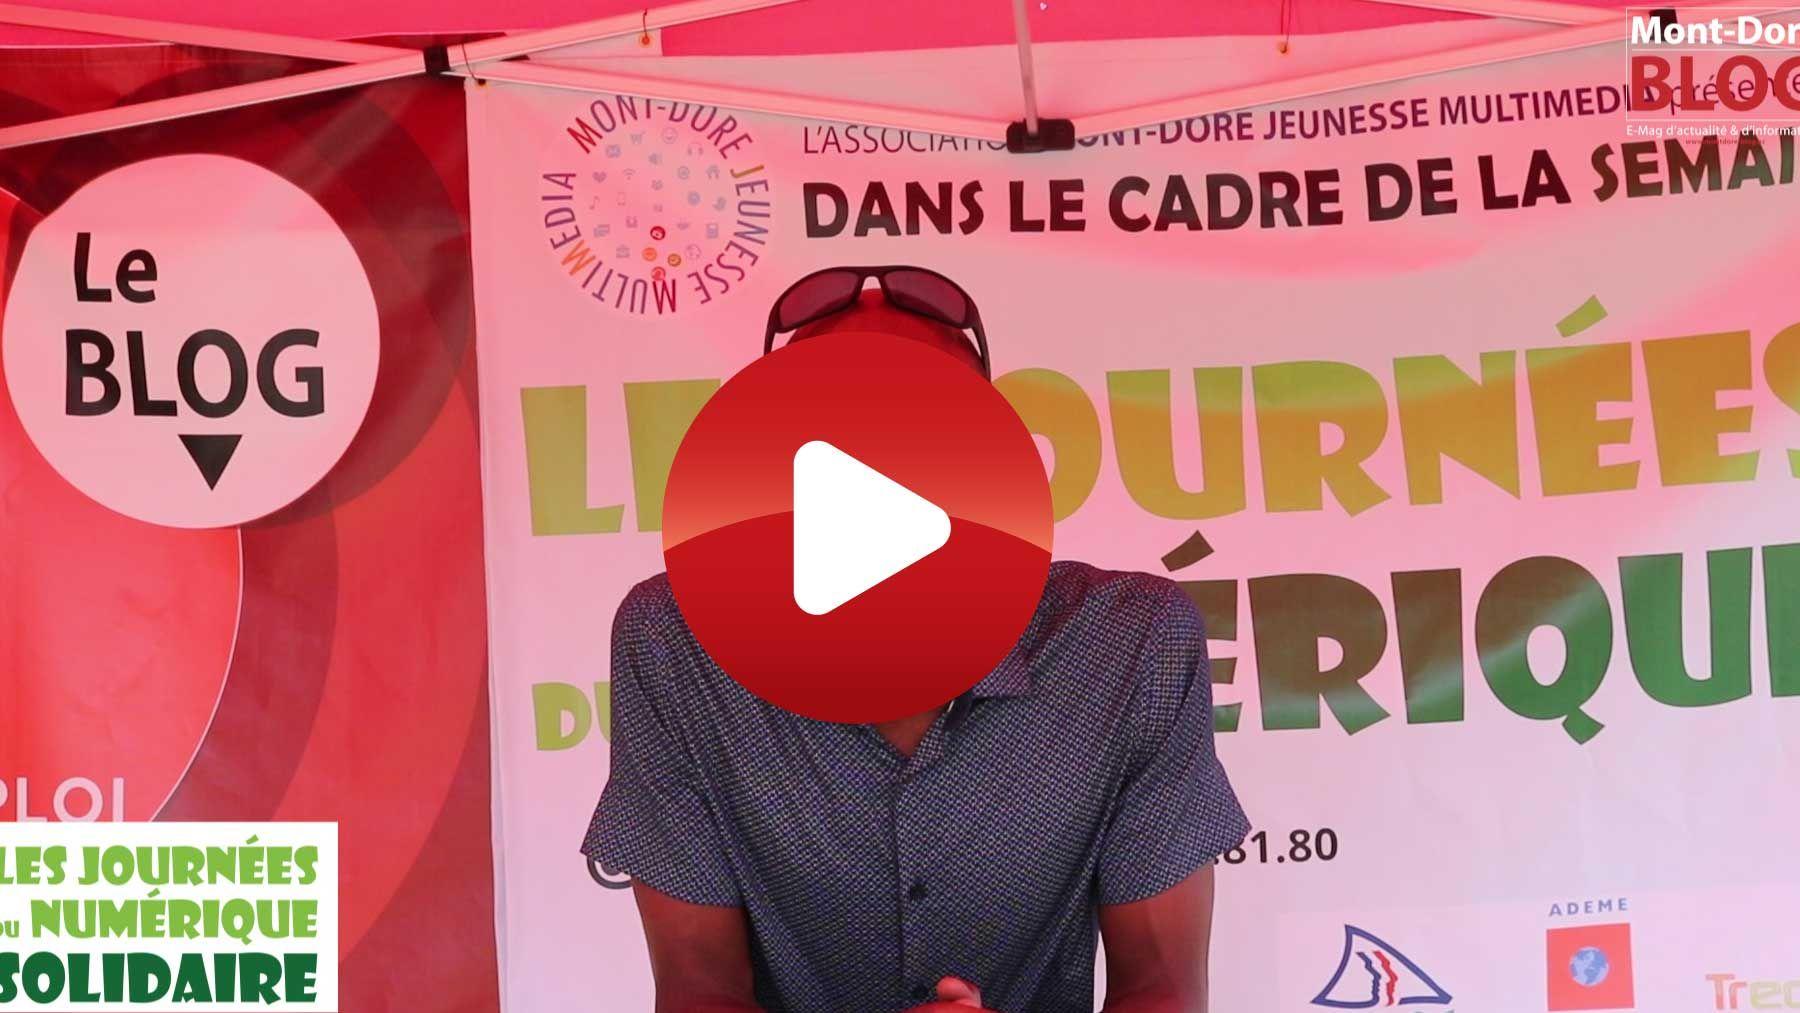 JNS 2019 ITW MDB 05 6sqr2jq2zrfgtfw5y6n9np1izao431eegt578akm5ao Les journées du Numérique Solidaire du 16 au 24 Novembre 2019